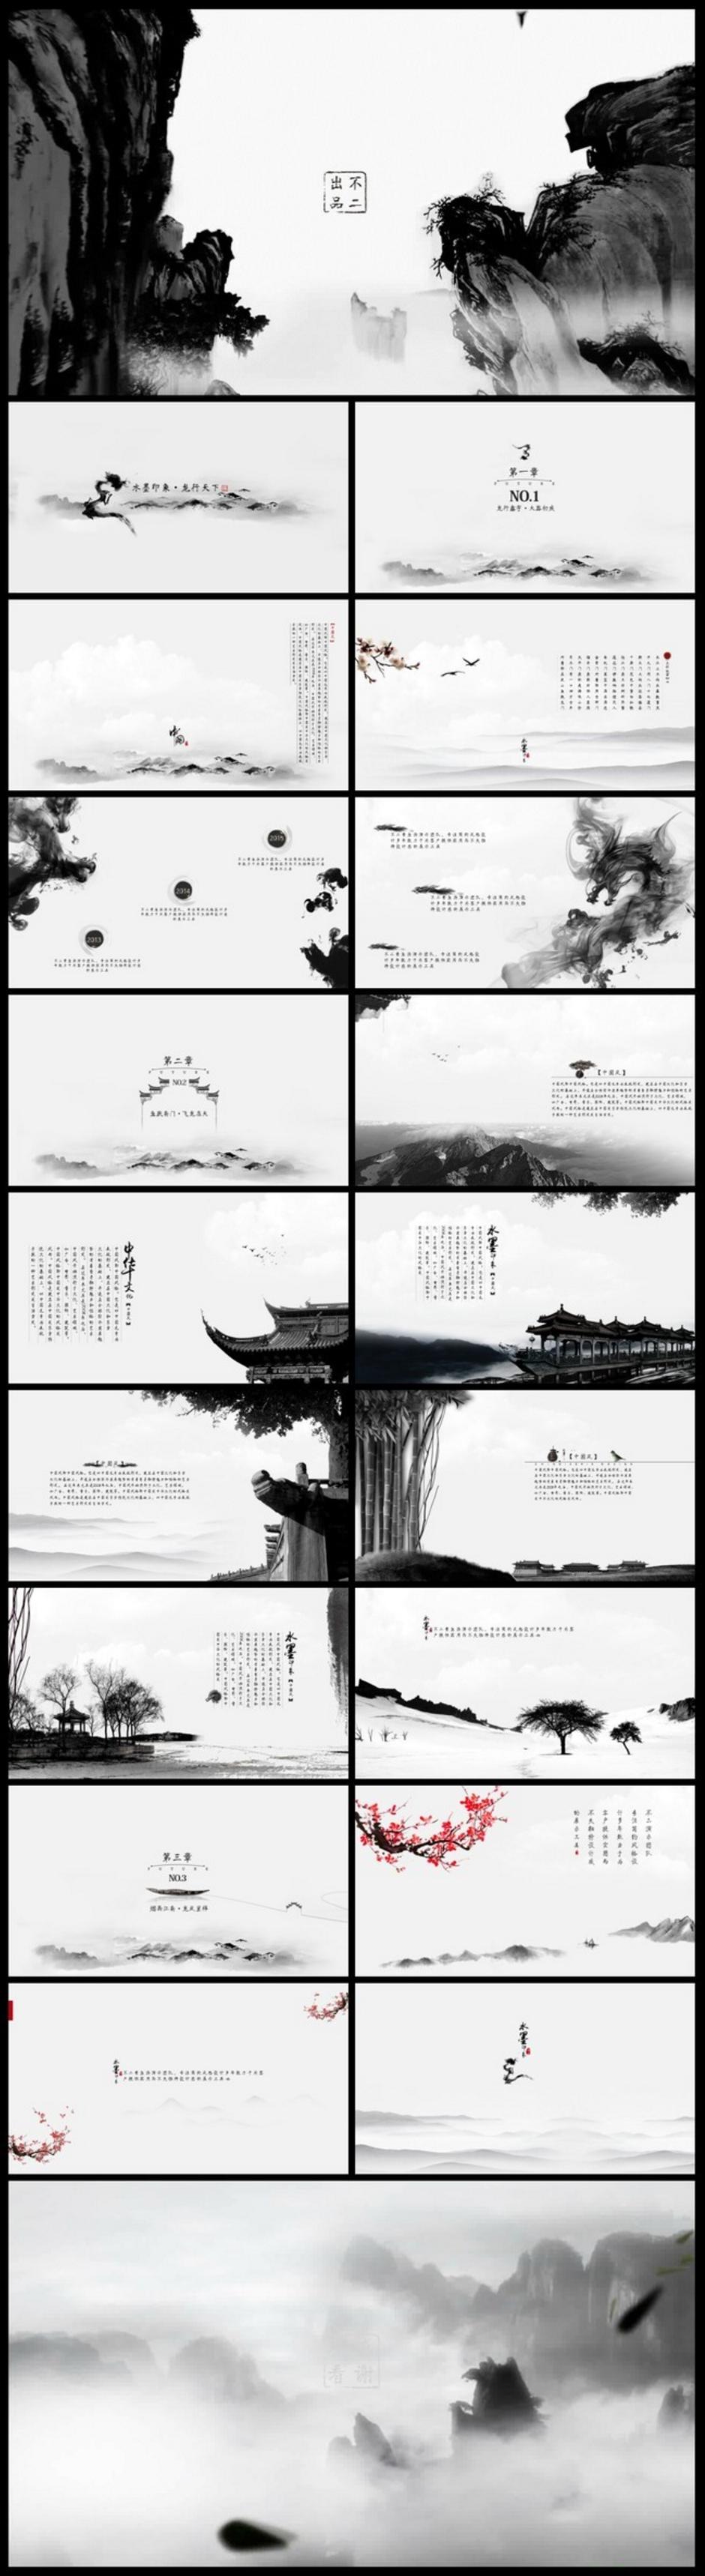 【不二诚品】计划总结工作汇报年会发布会企业宣传介绍商务中国风企业宣传 水墨印象·龙行天下